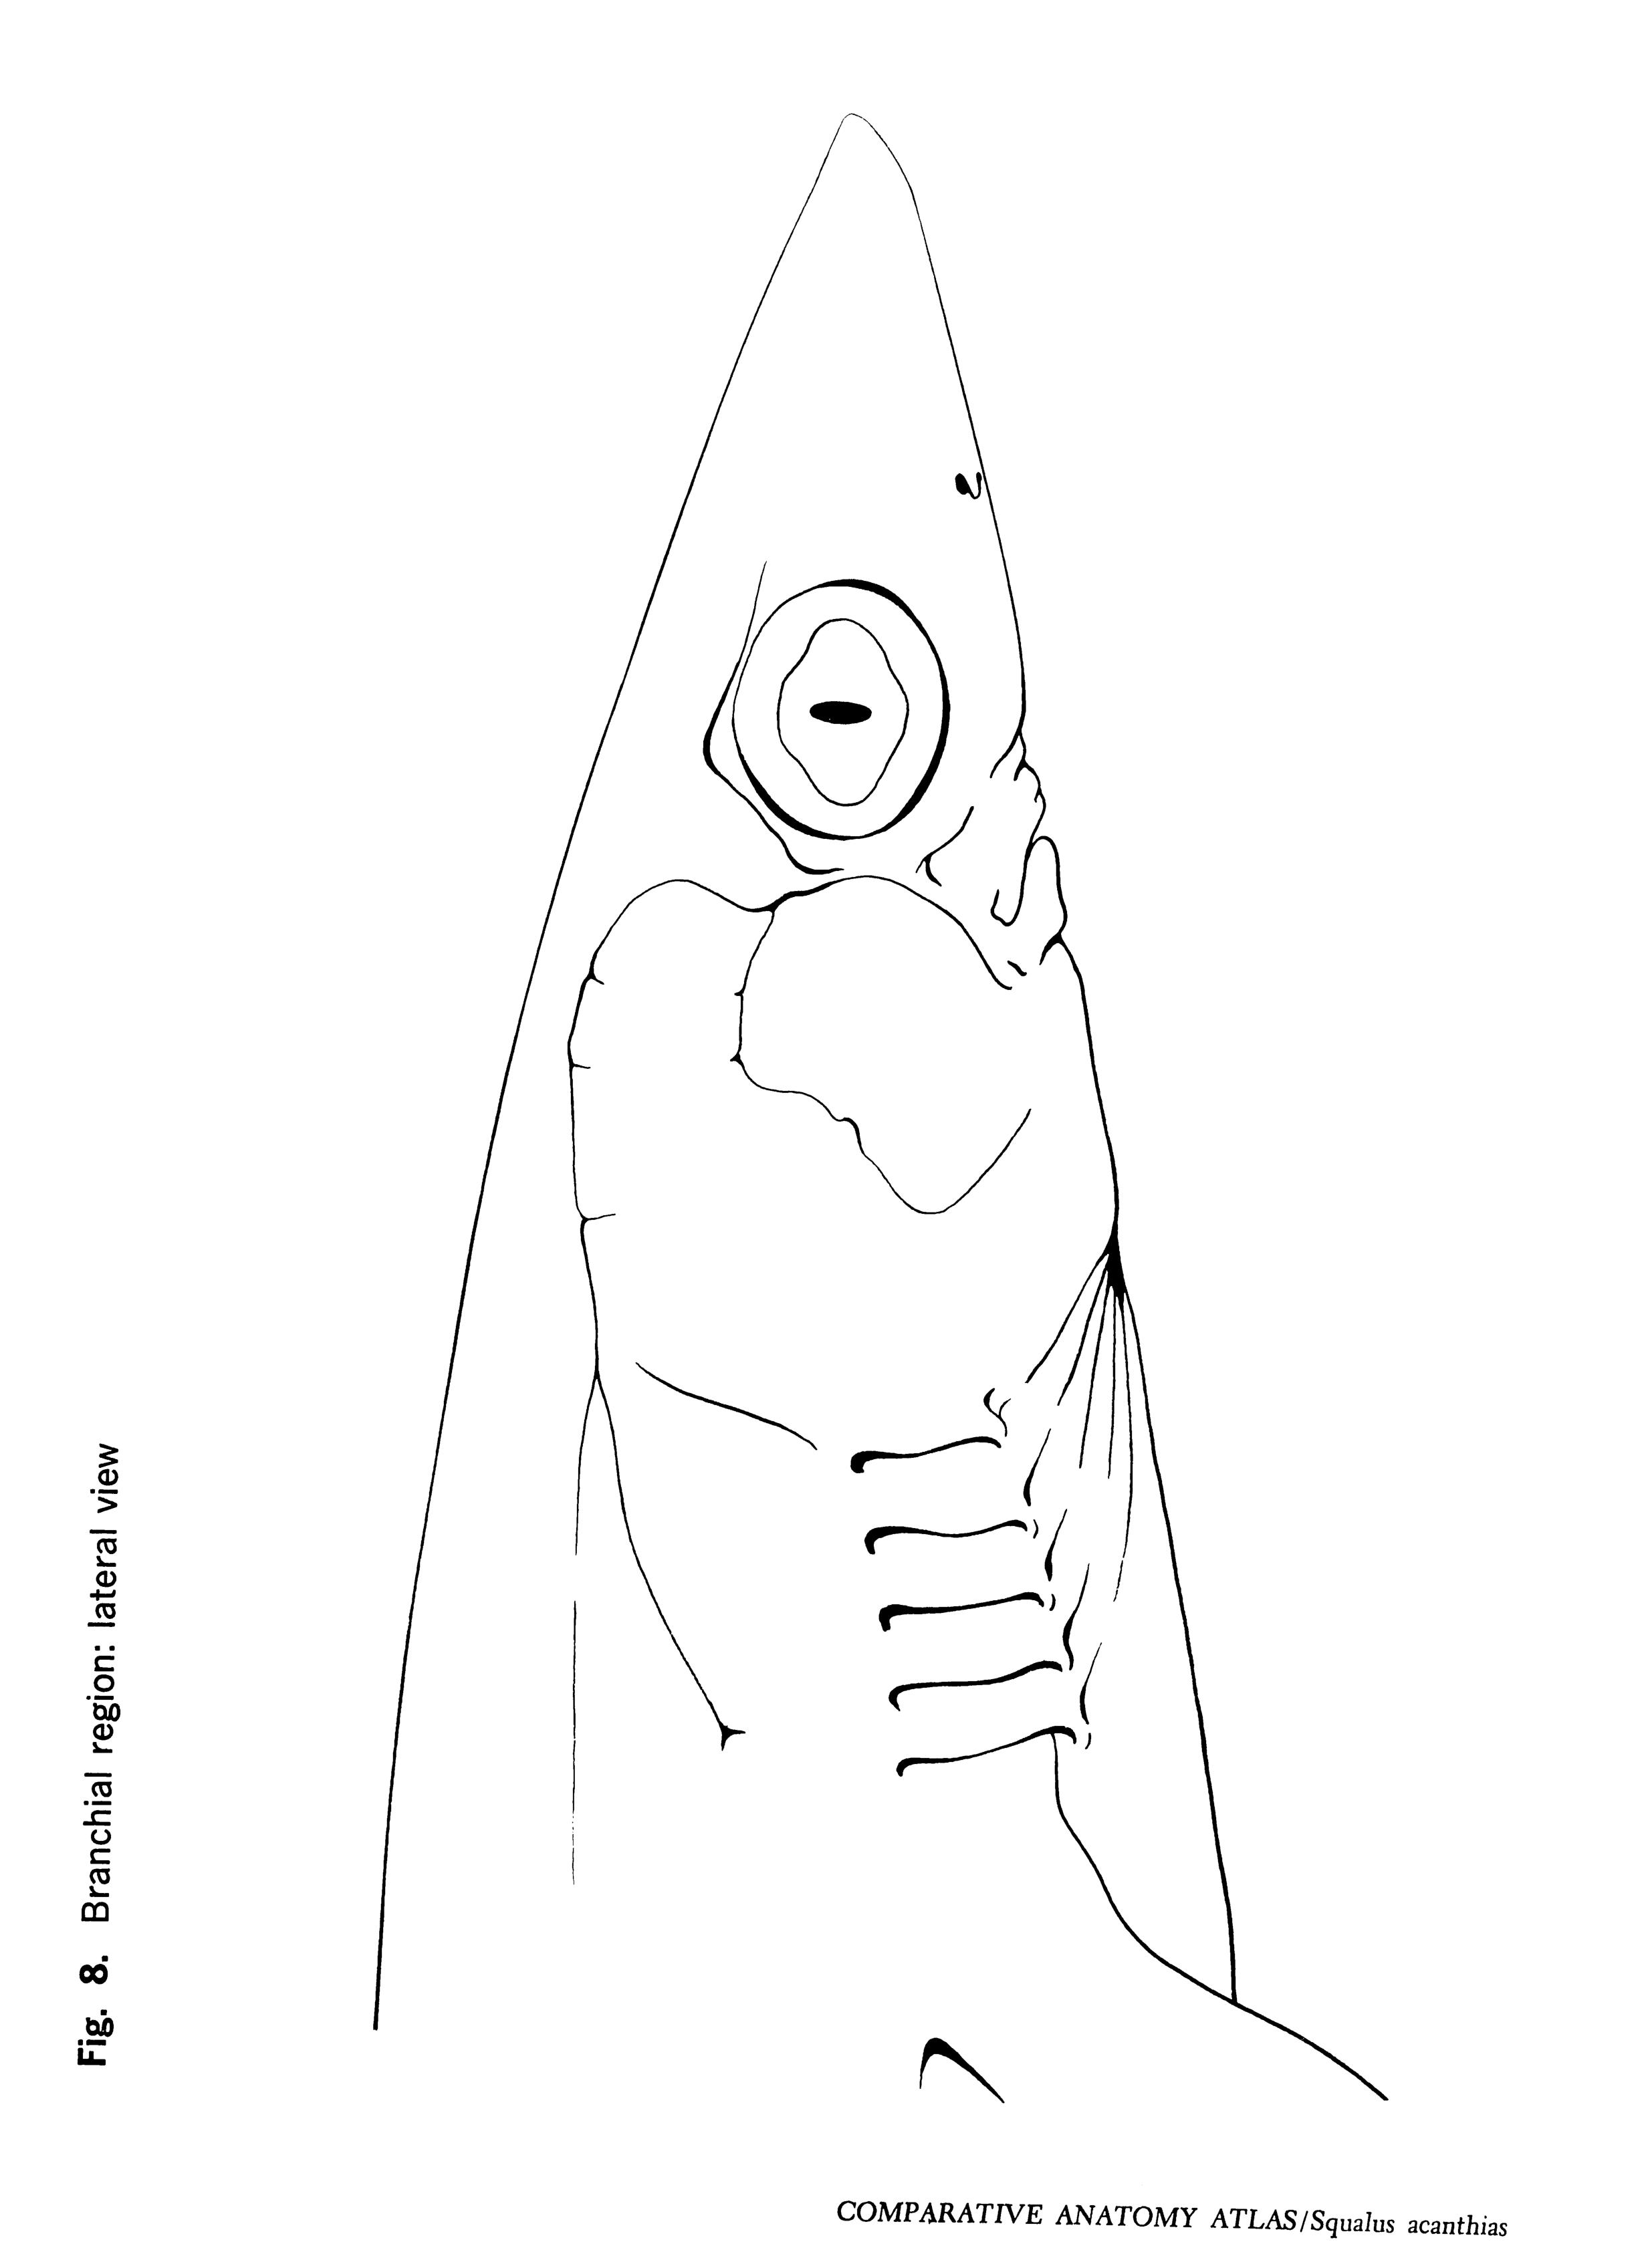 Squalus acantbias Figure 8